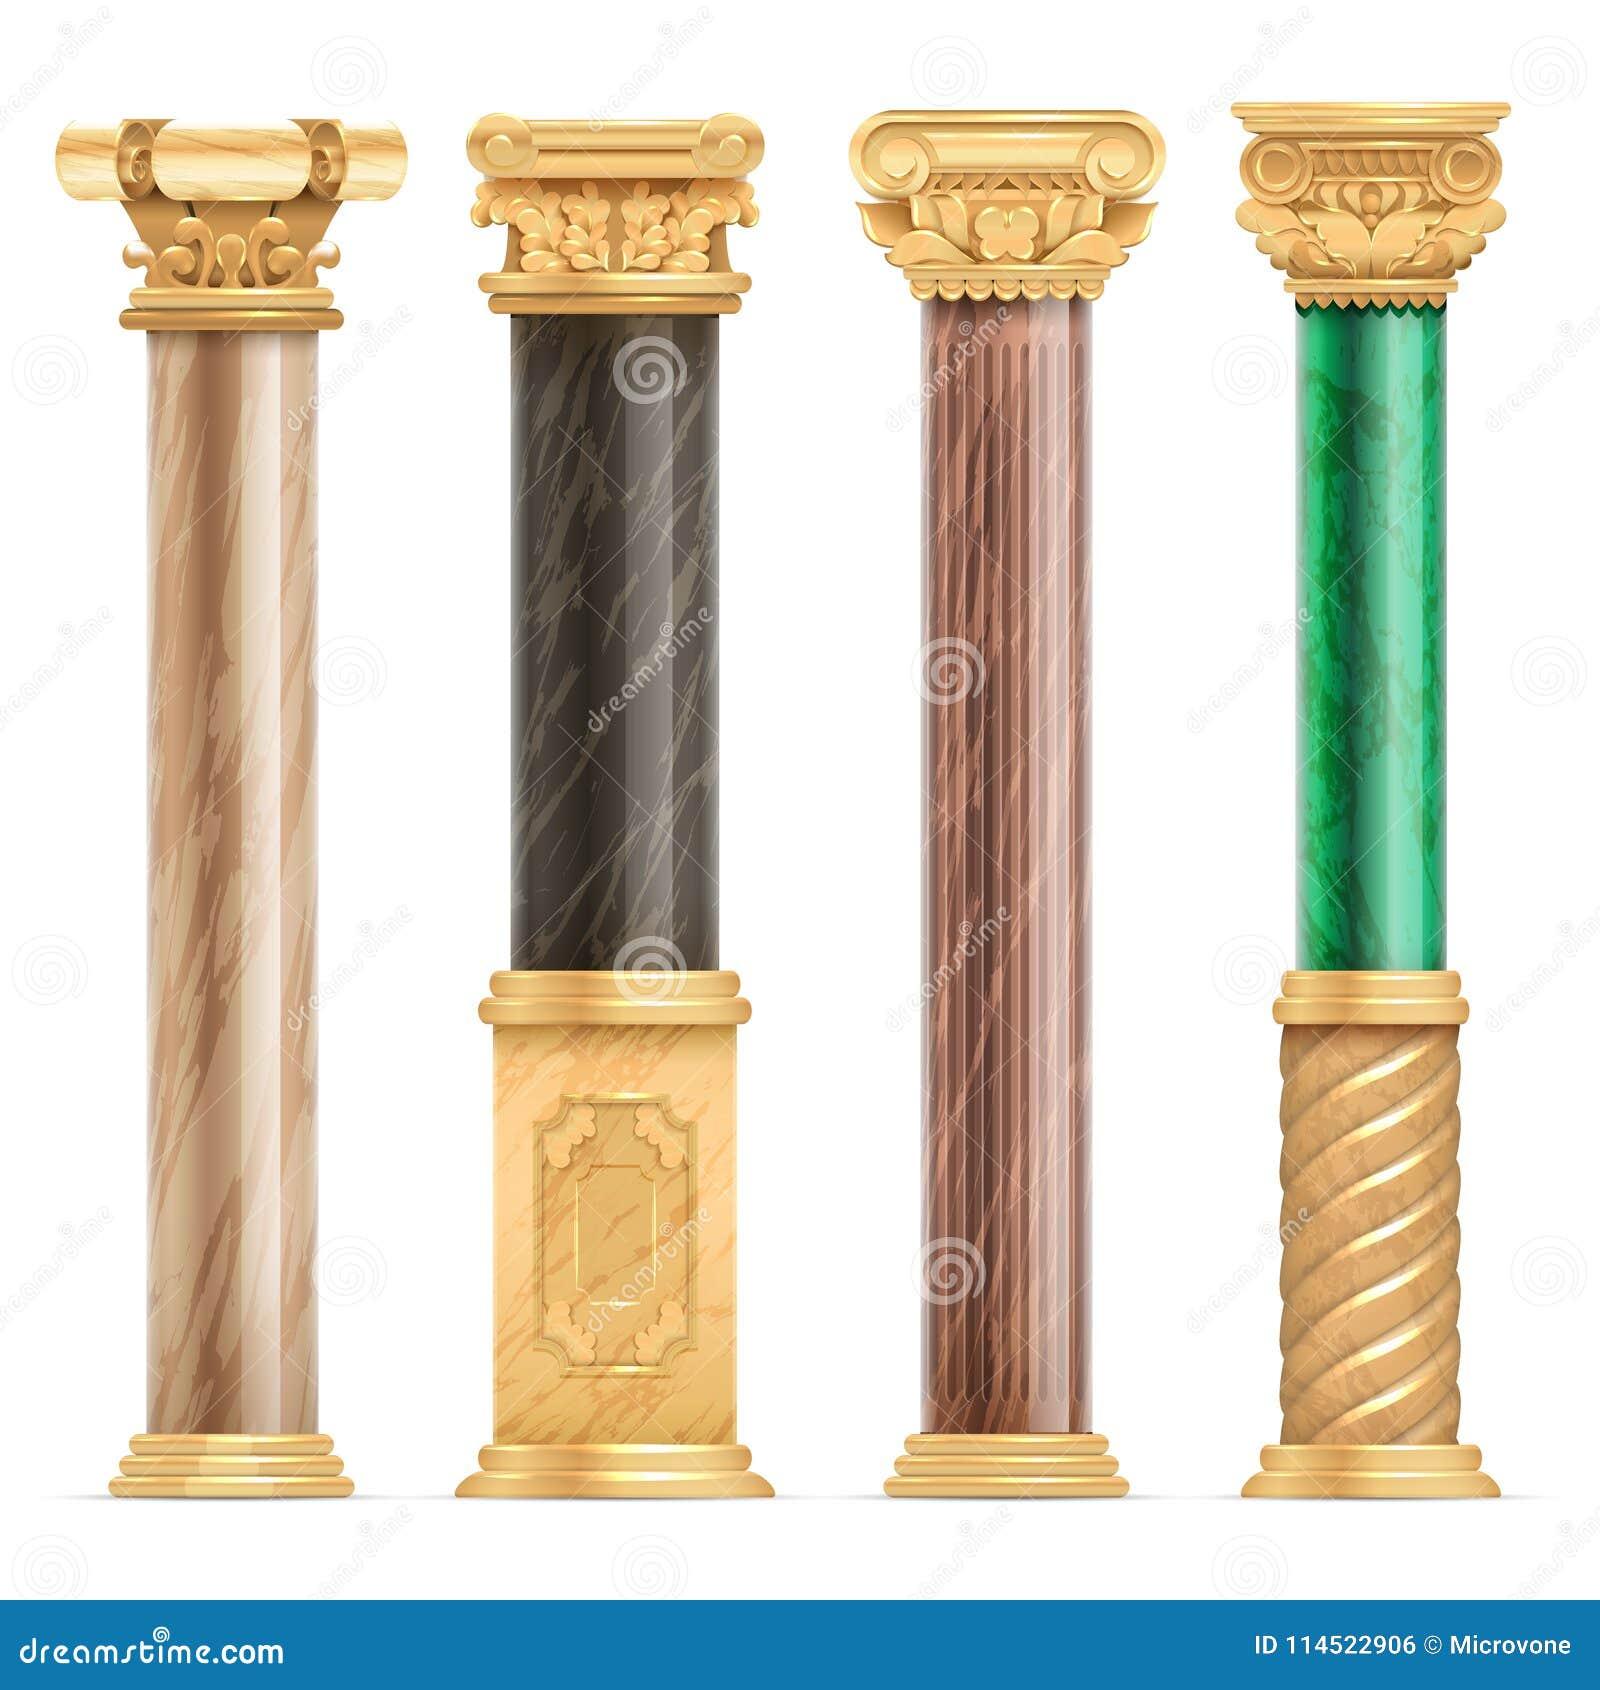 Κλασικές αραβικές χρυσές στήλες αρχιτεκτονικής διανυσματικό σύνολο στυλοβατών πετρών το μαρμάρινο που απομονώνεται με